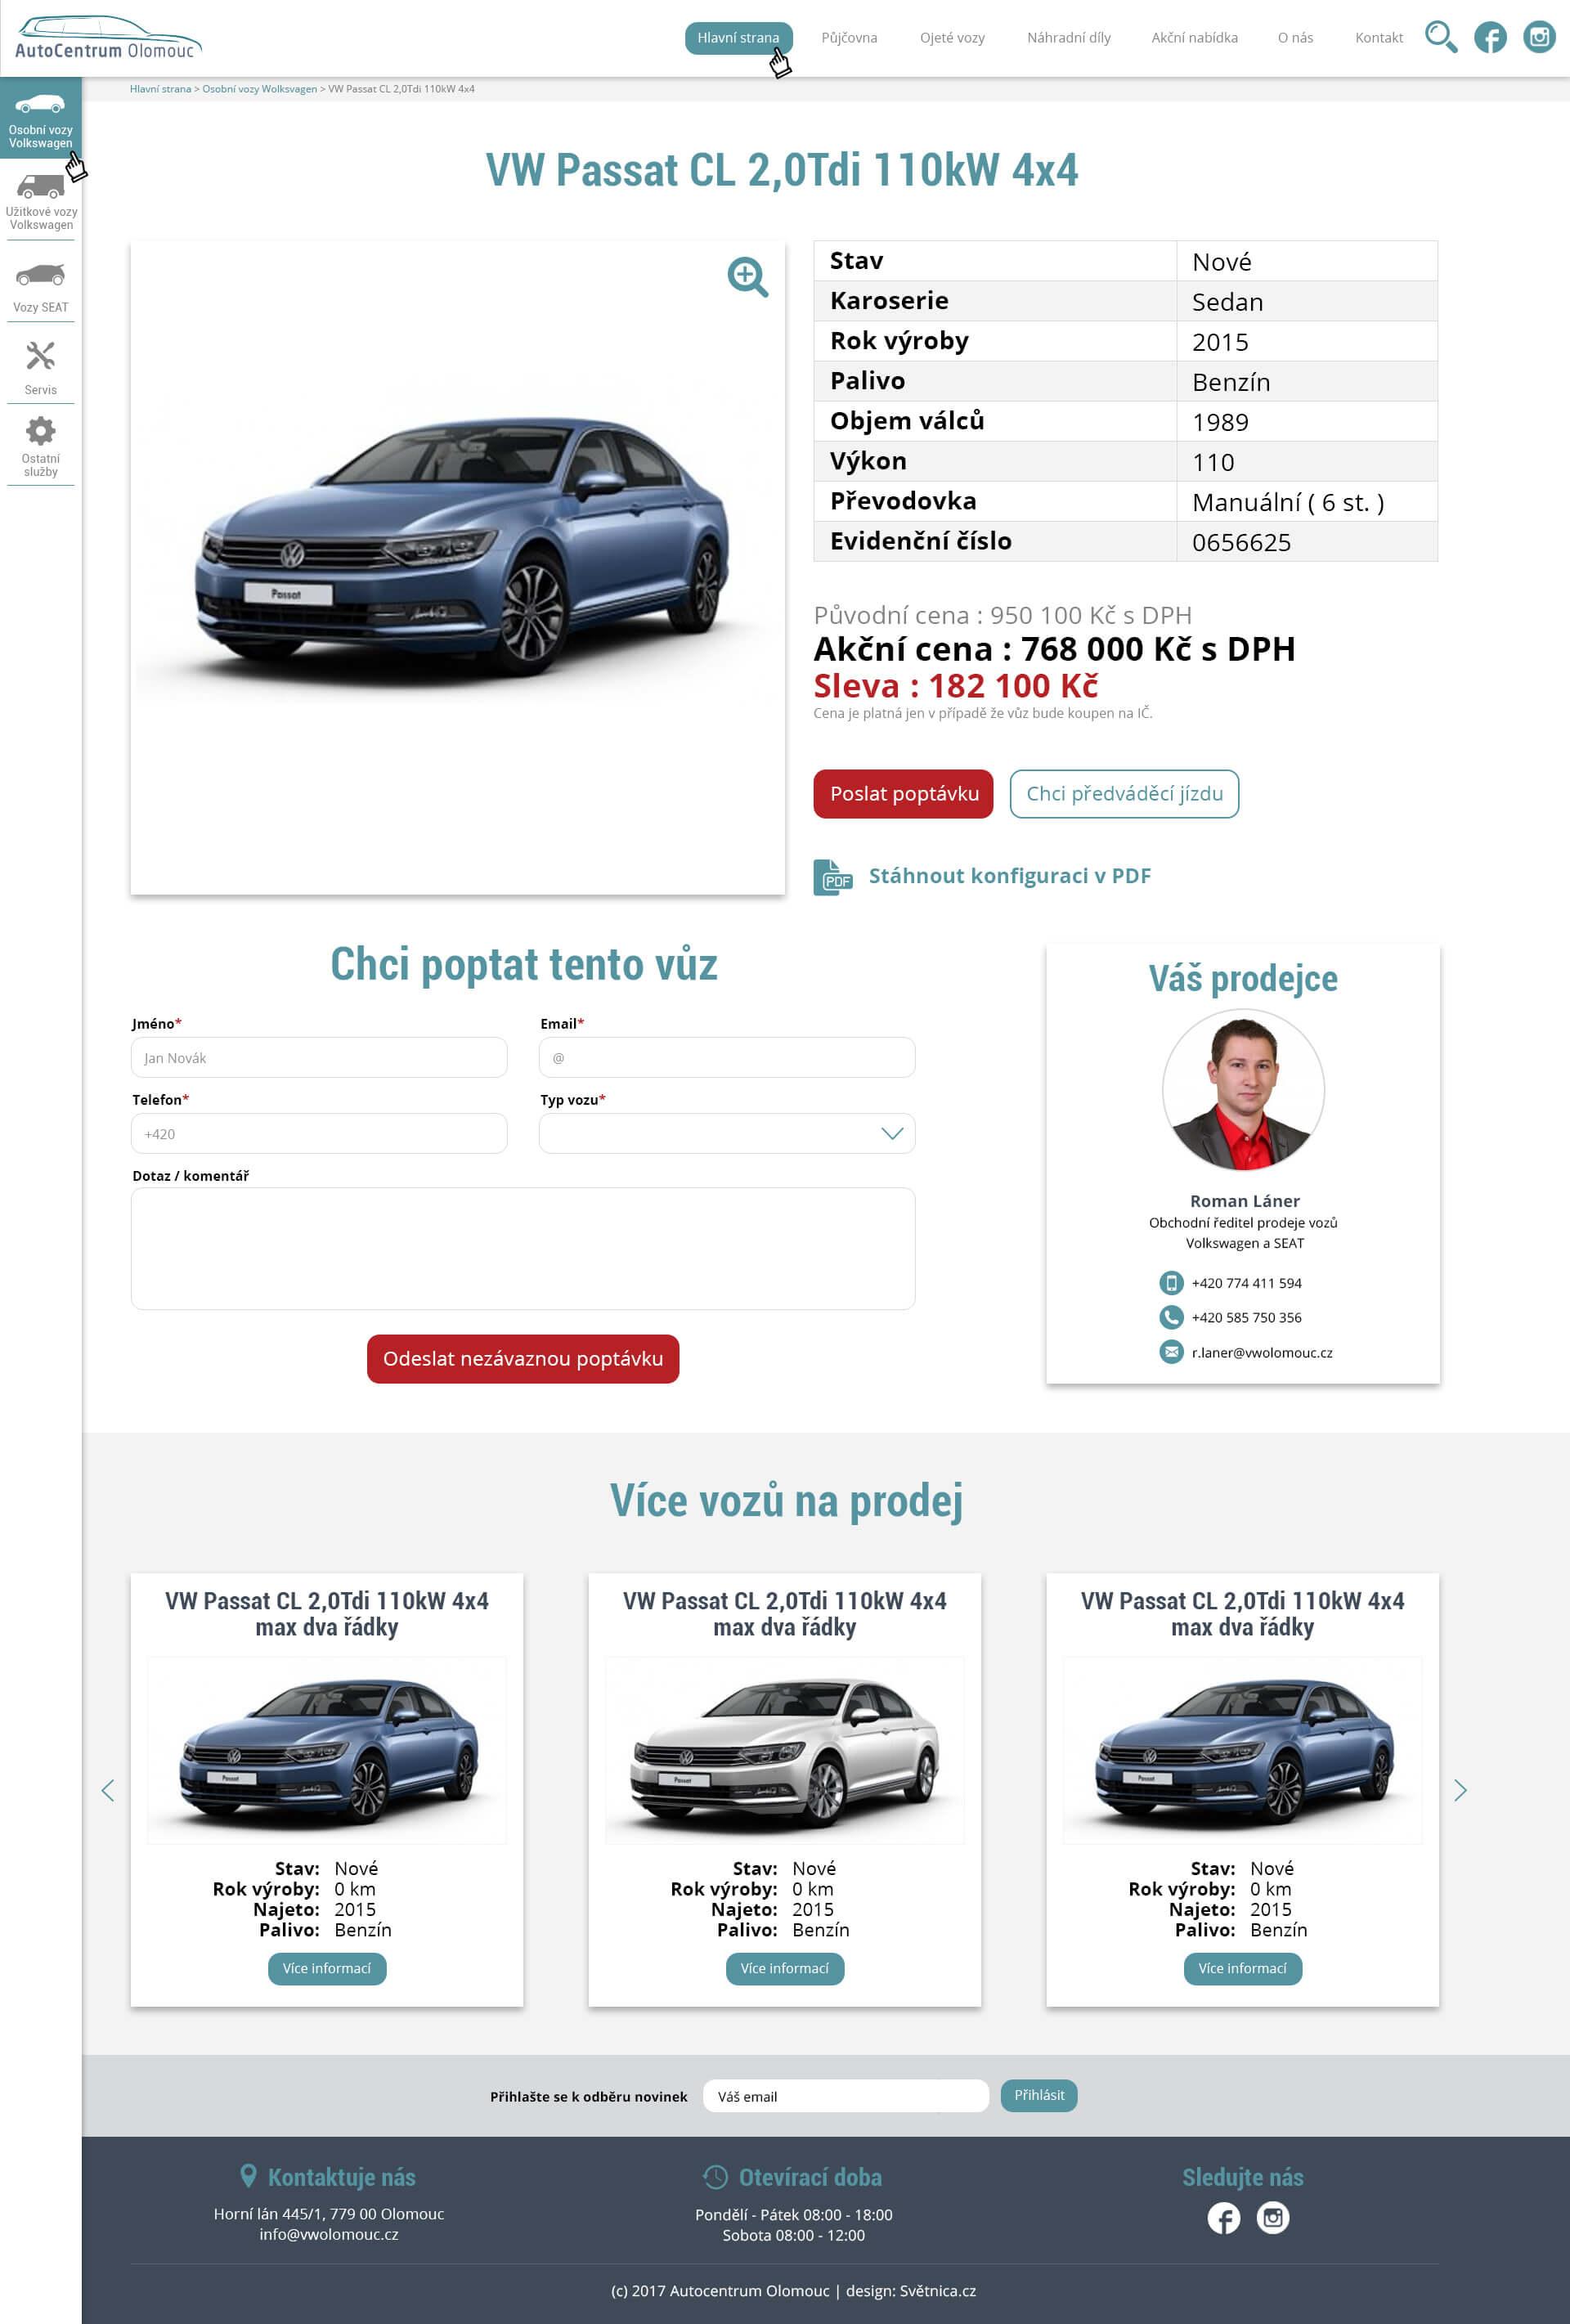 webdesign-autocentrum-olomouc-vizitka-vozu